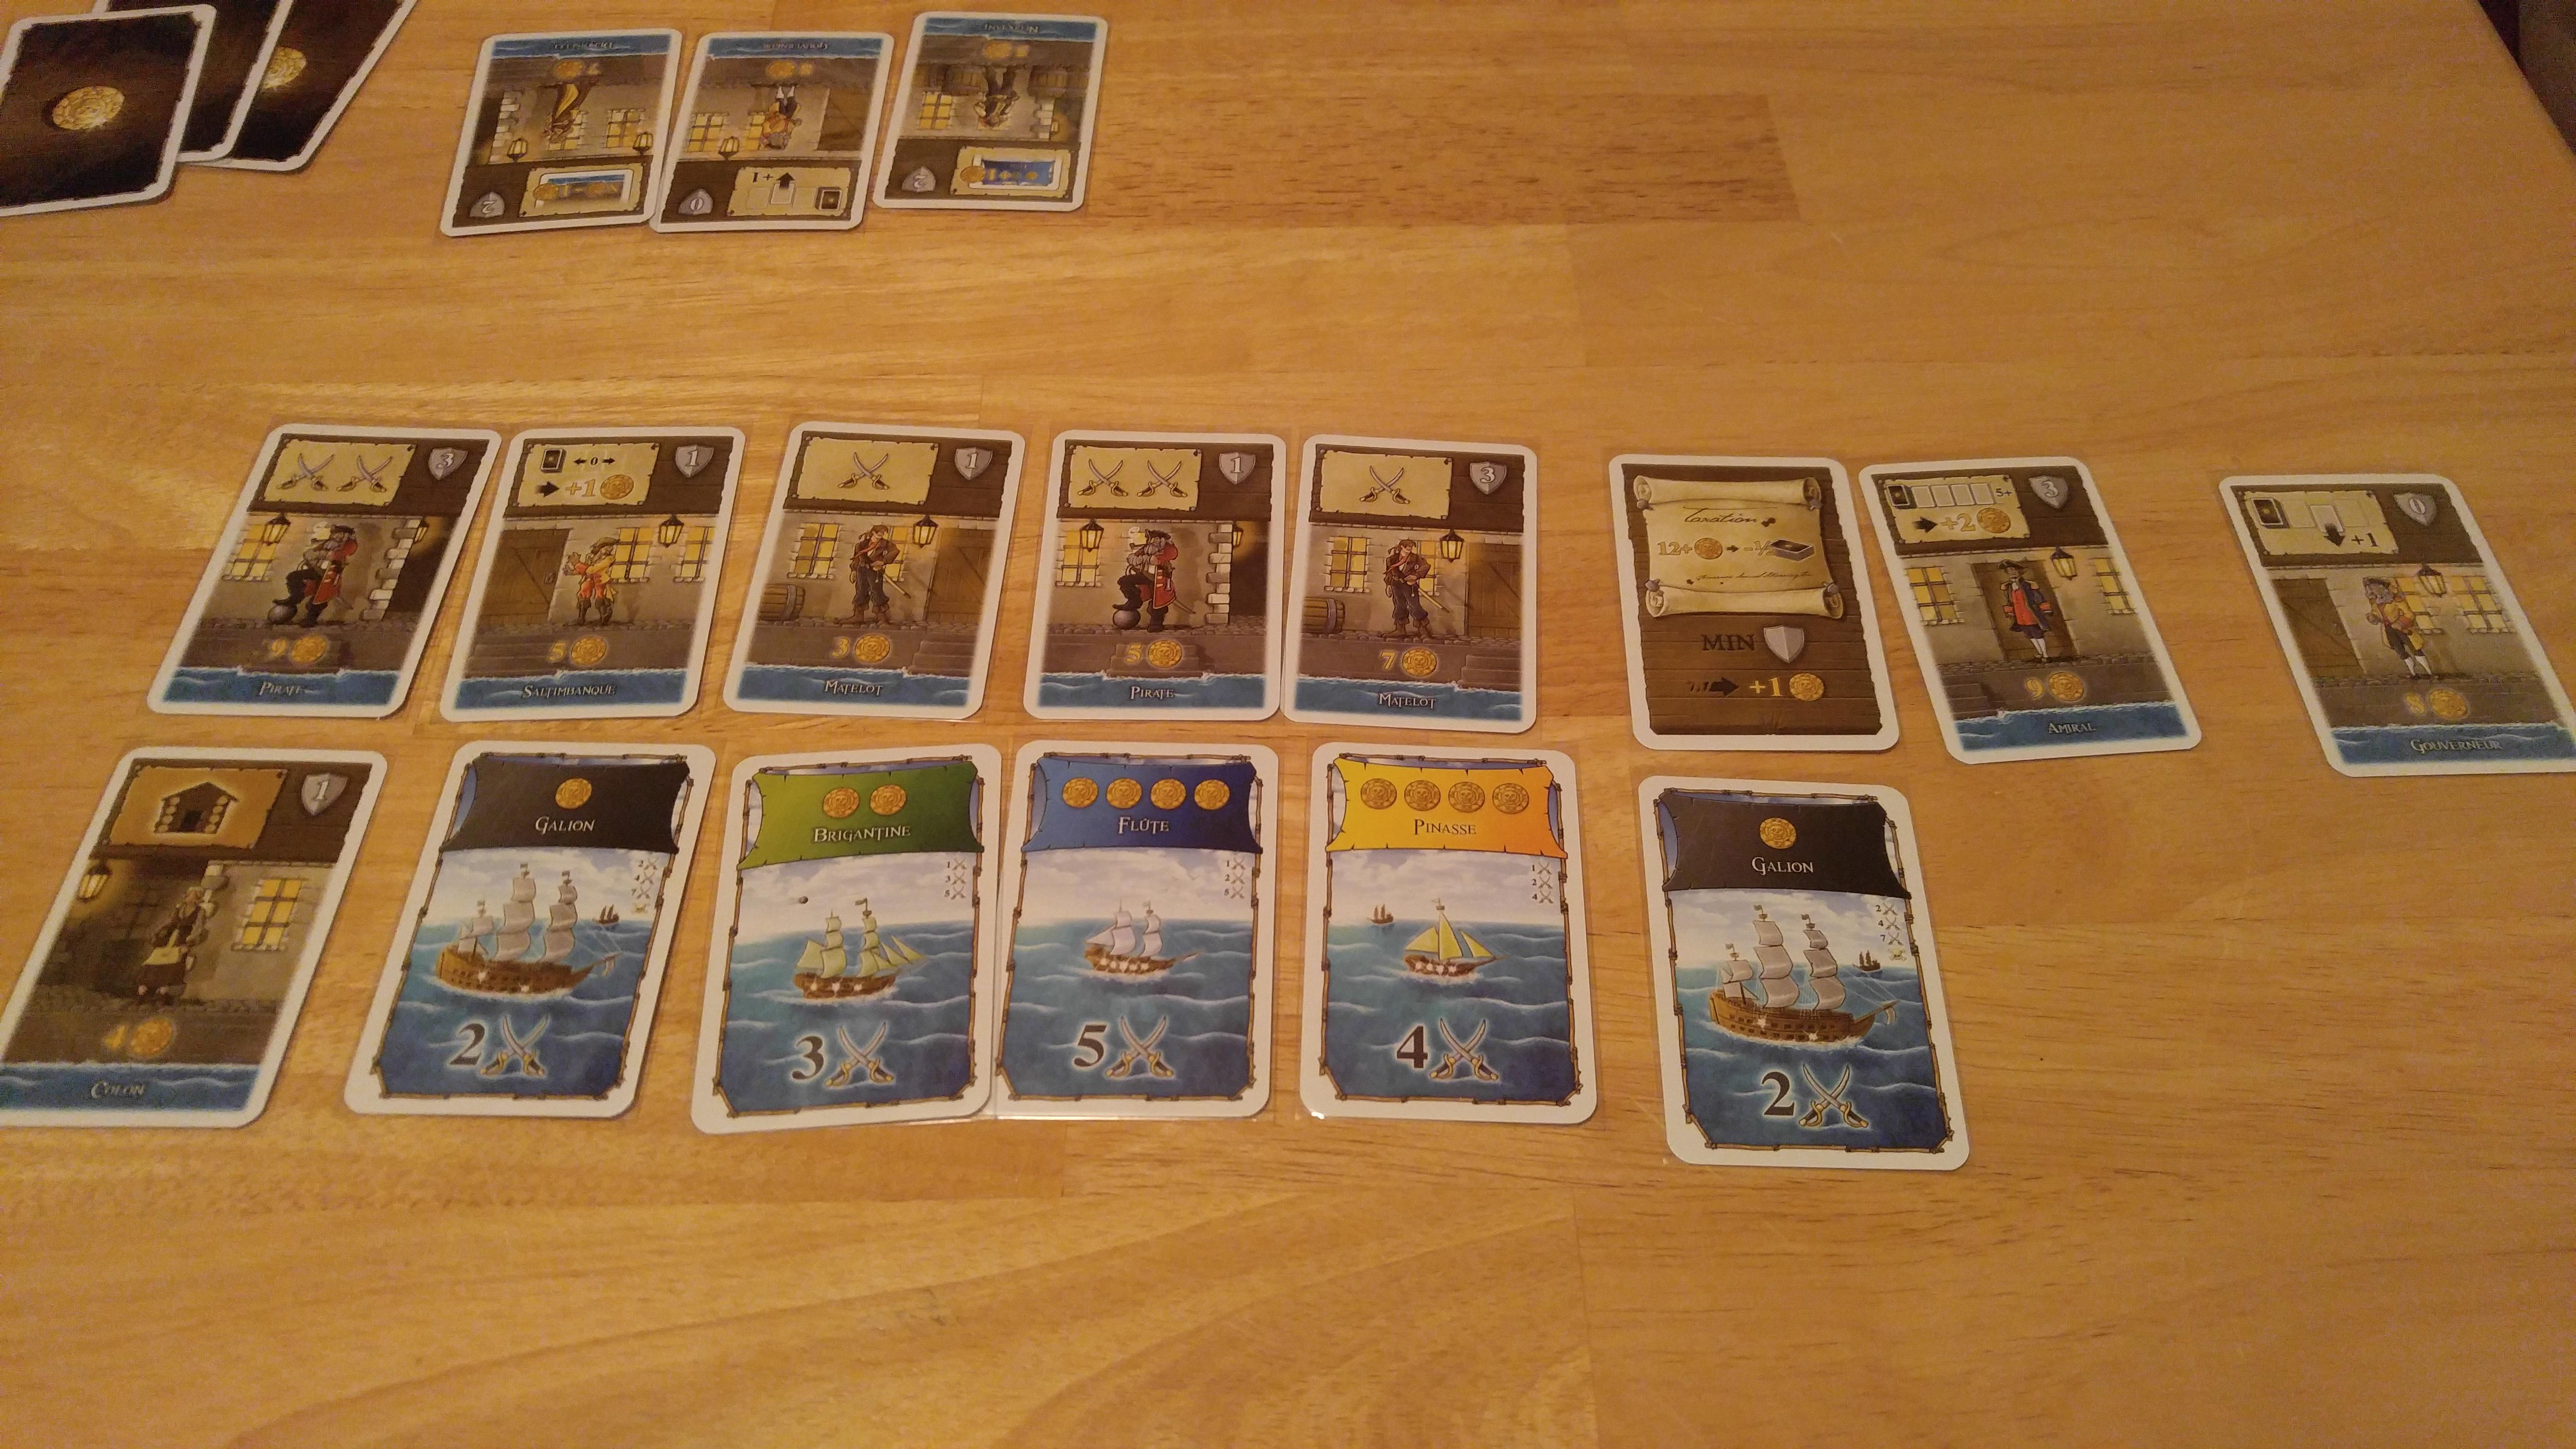 Ce pirate était trop avide, il a révélé deux navires de la nation noire. Il perd donc son tour.